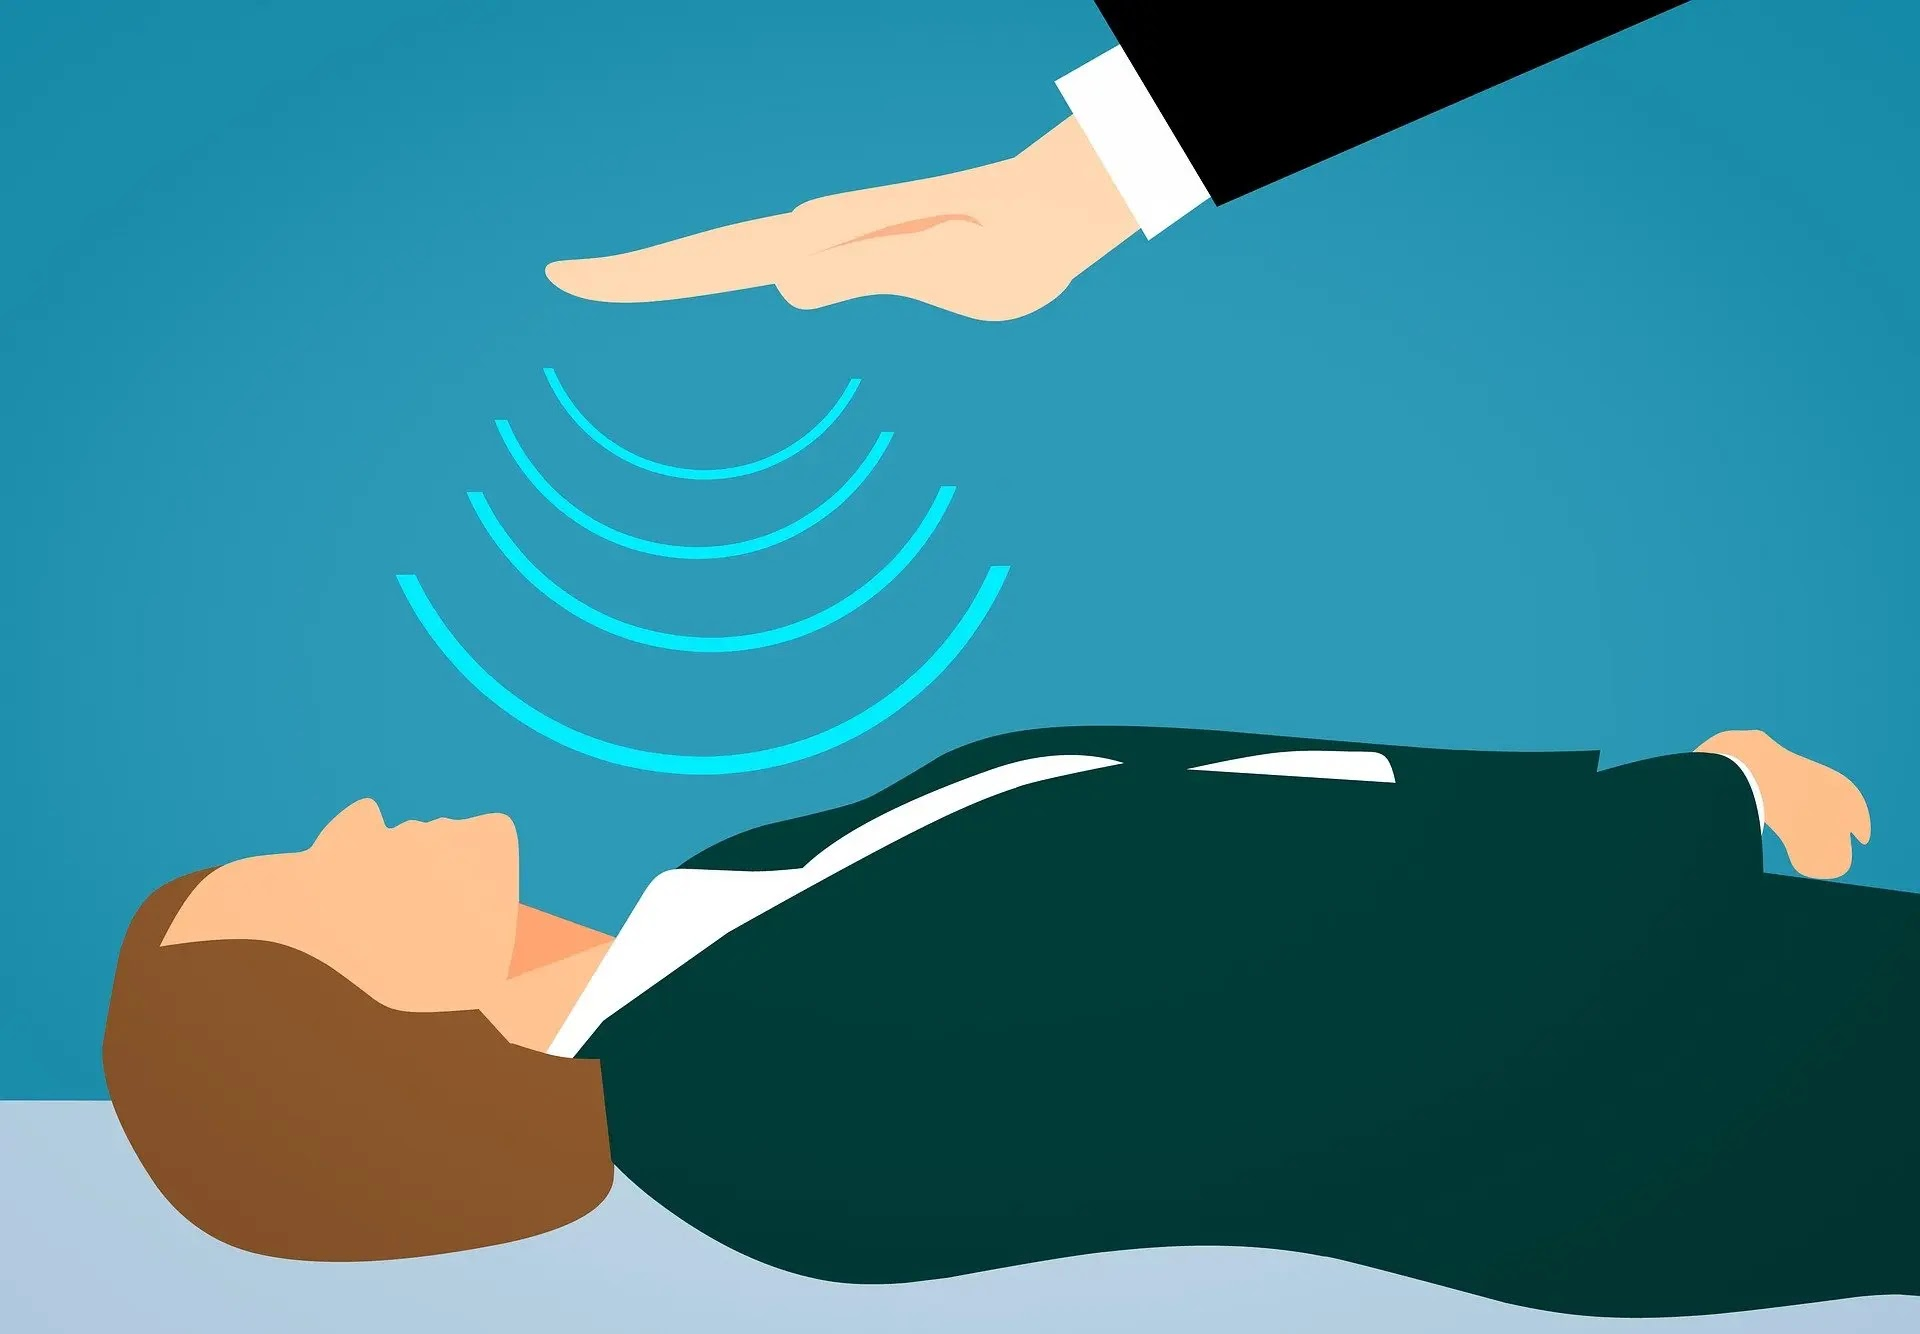 ماهو العلاج بطاقة الريكي وفوائدة l الإستشفاء الذاتي وعلوم الطاقة